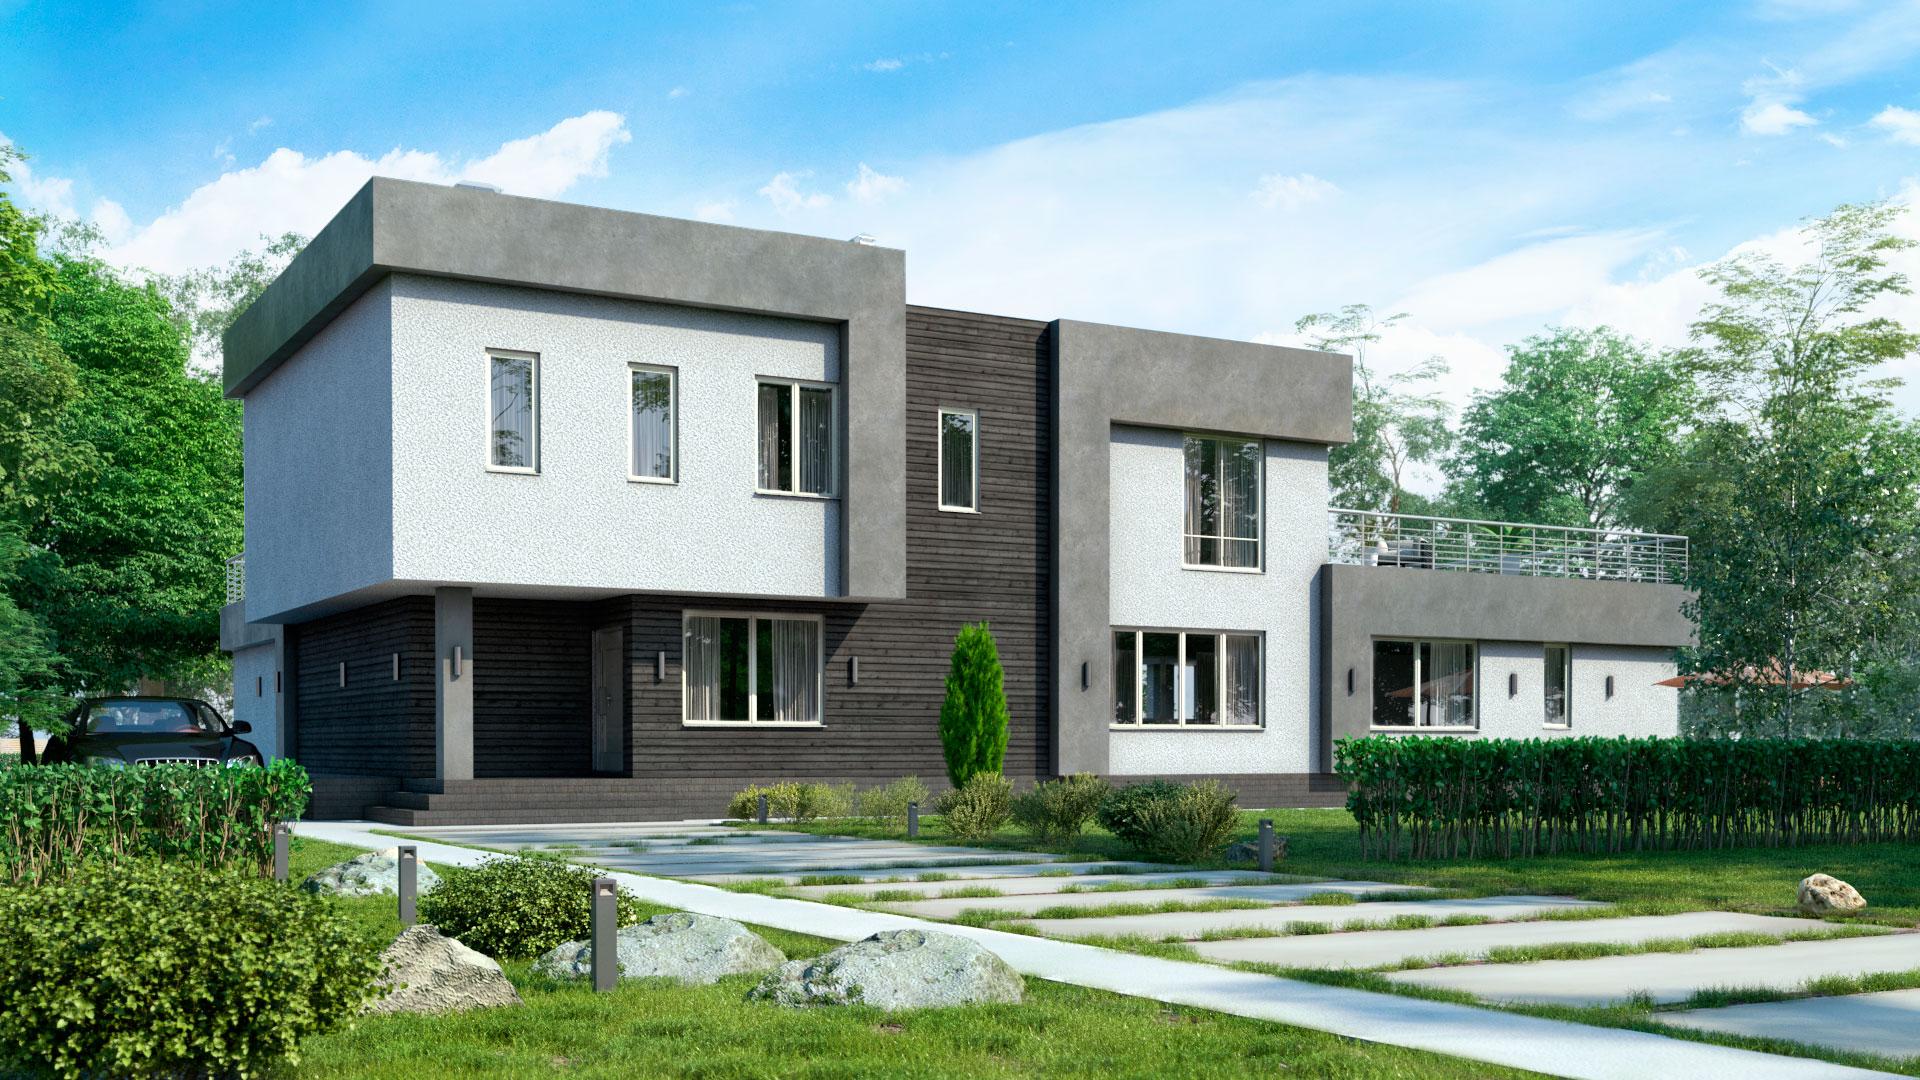 Передний фасад двухэтажного дома с плоской эксплуатируемой крышей, 447,40 м2. Проект БЭНПАН-605.